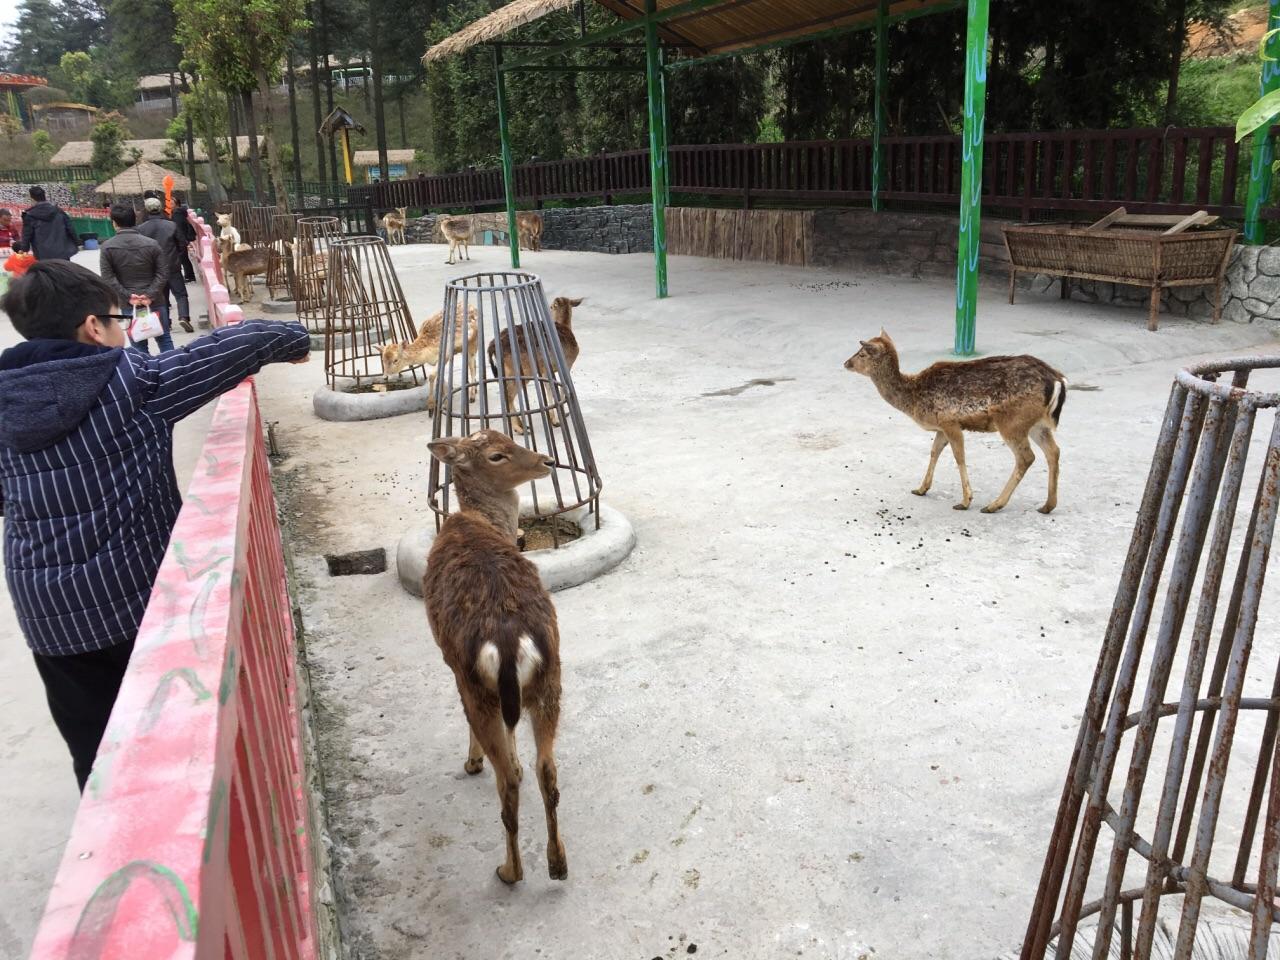 贵阳贵州森林野生动物园好玩吗,贵阳贵州森林野生动物